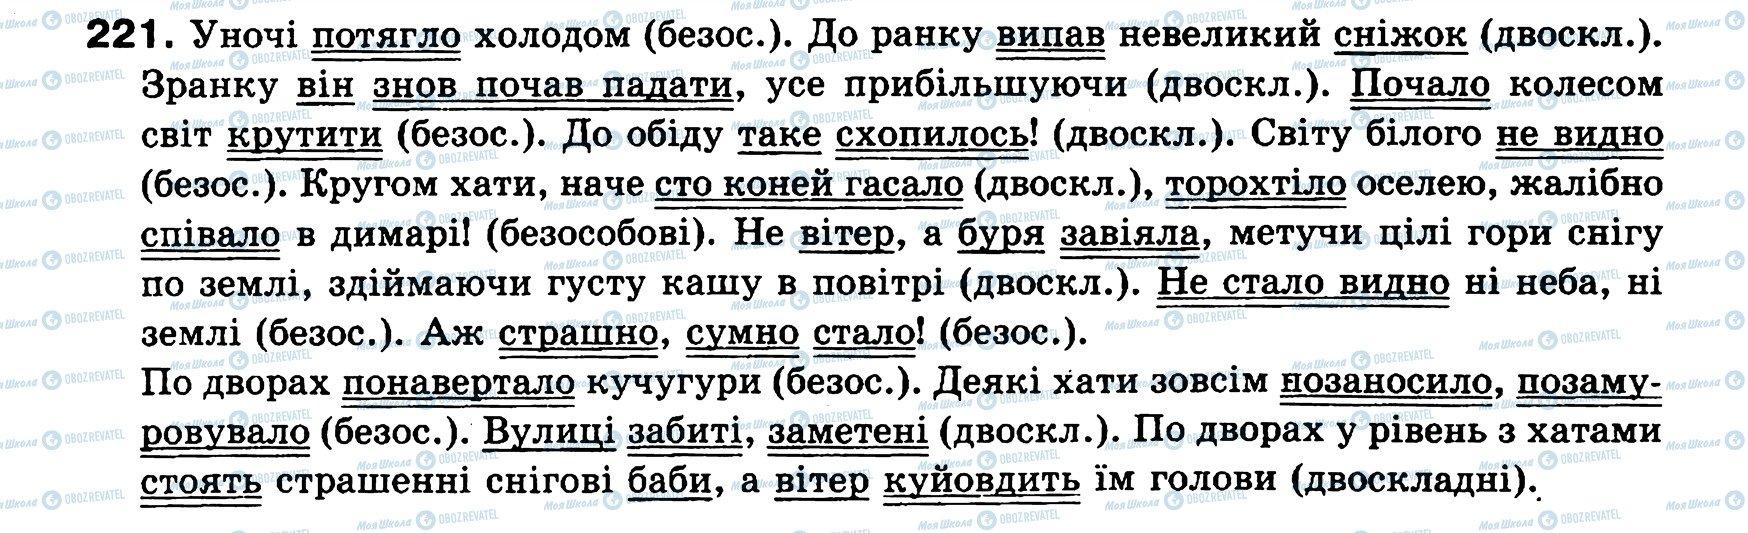 ГДЗ Українська мова 8 клас сторінка 221